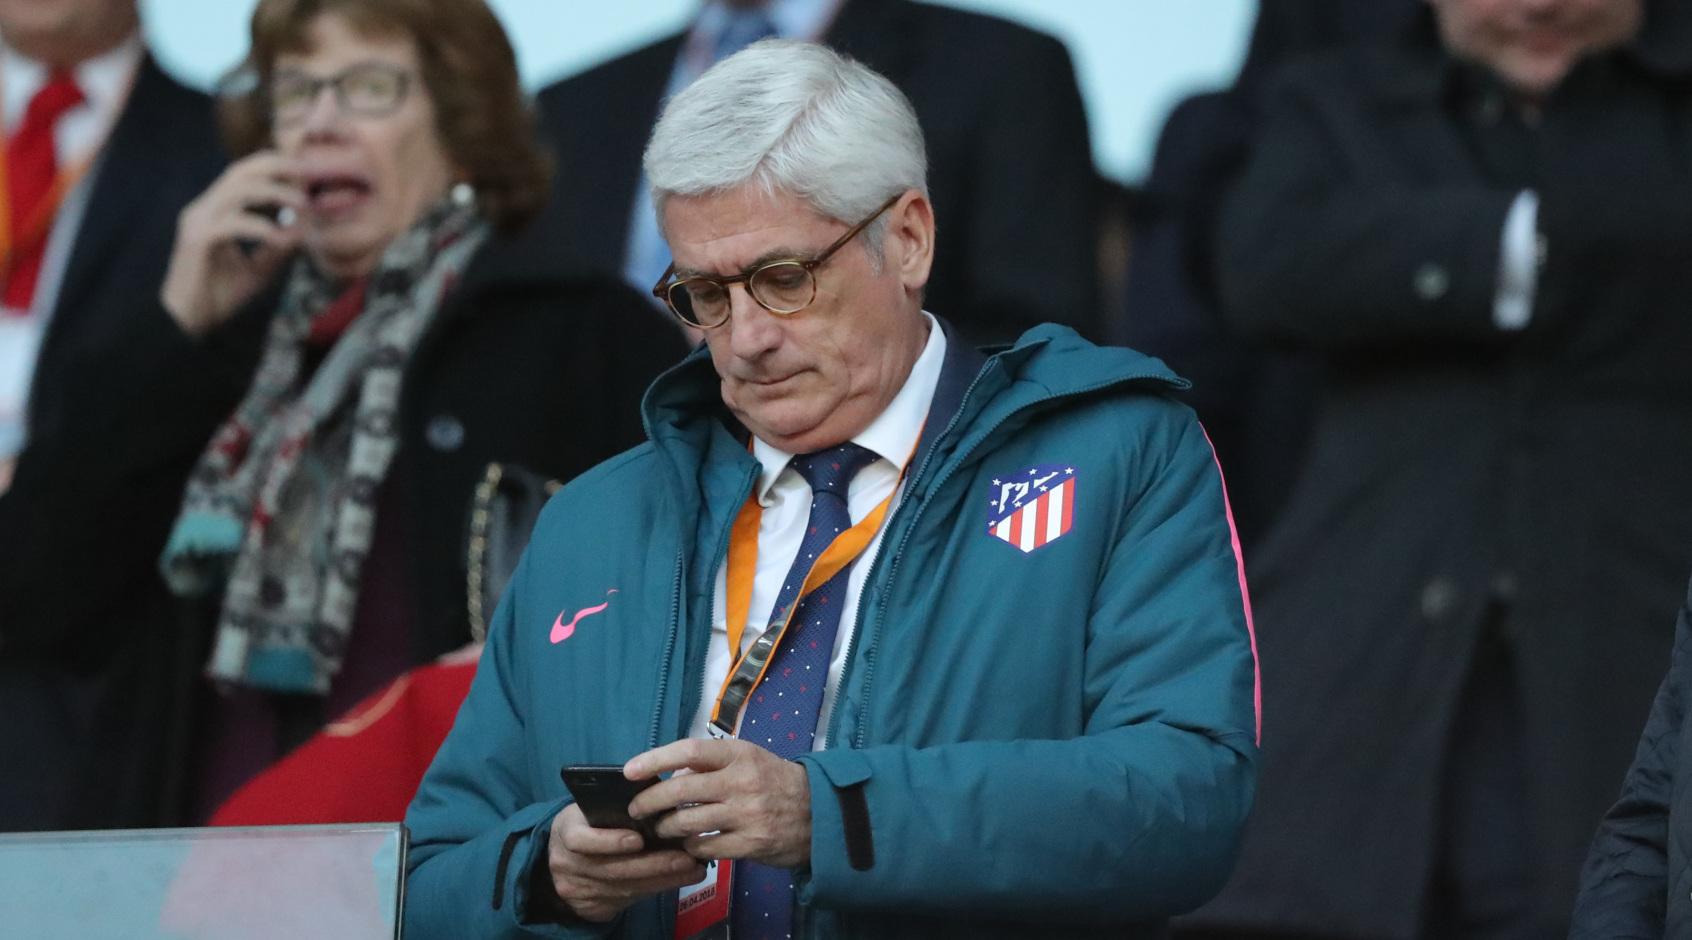 """Президент мадридского """"Атлетико"""": """"Если Месси хочет играть с Луисом, то с энтузиазмом все возможно"""""""